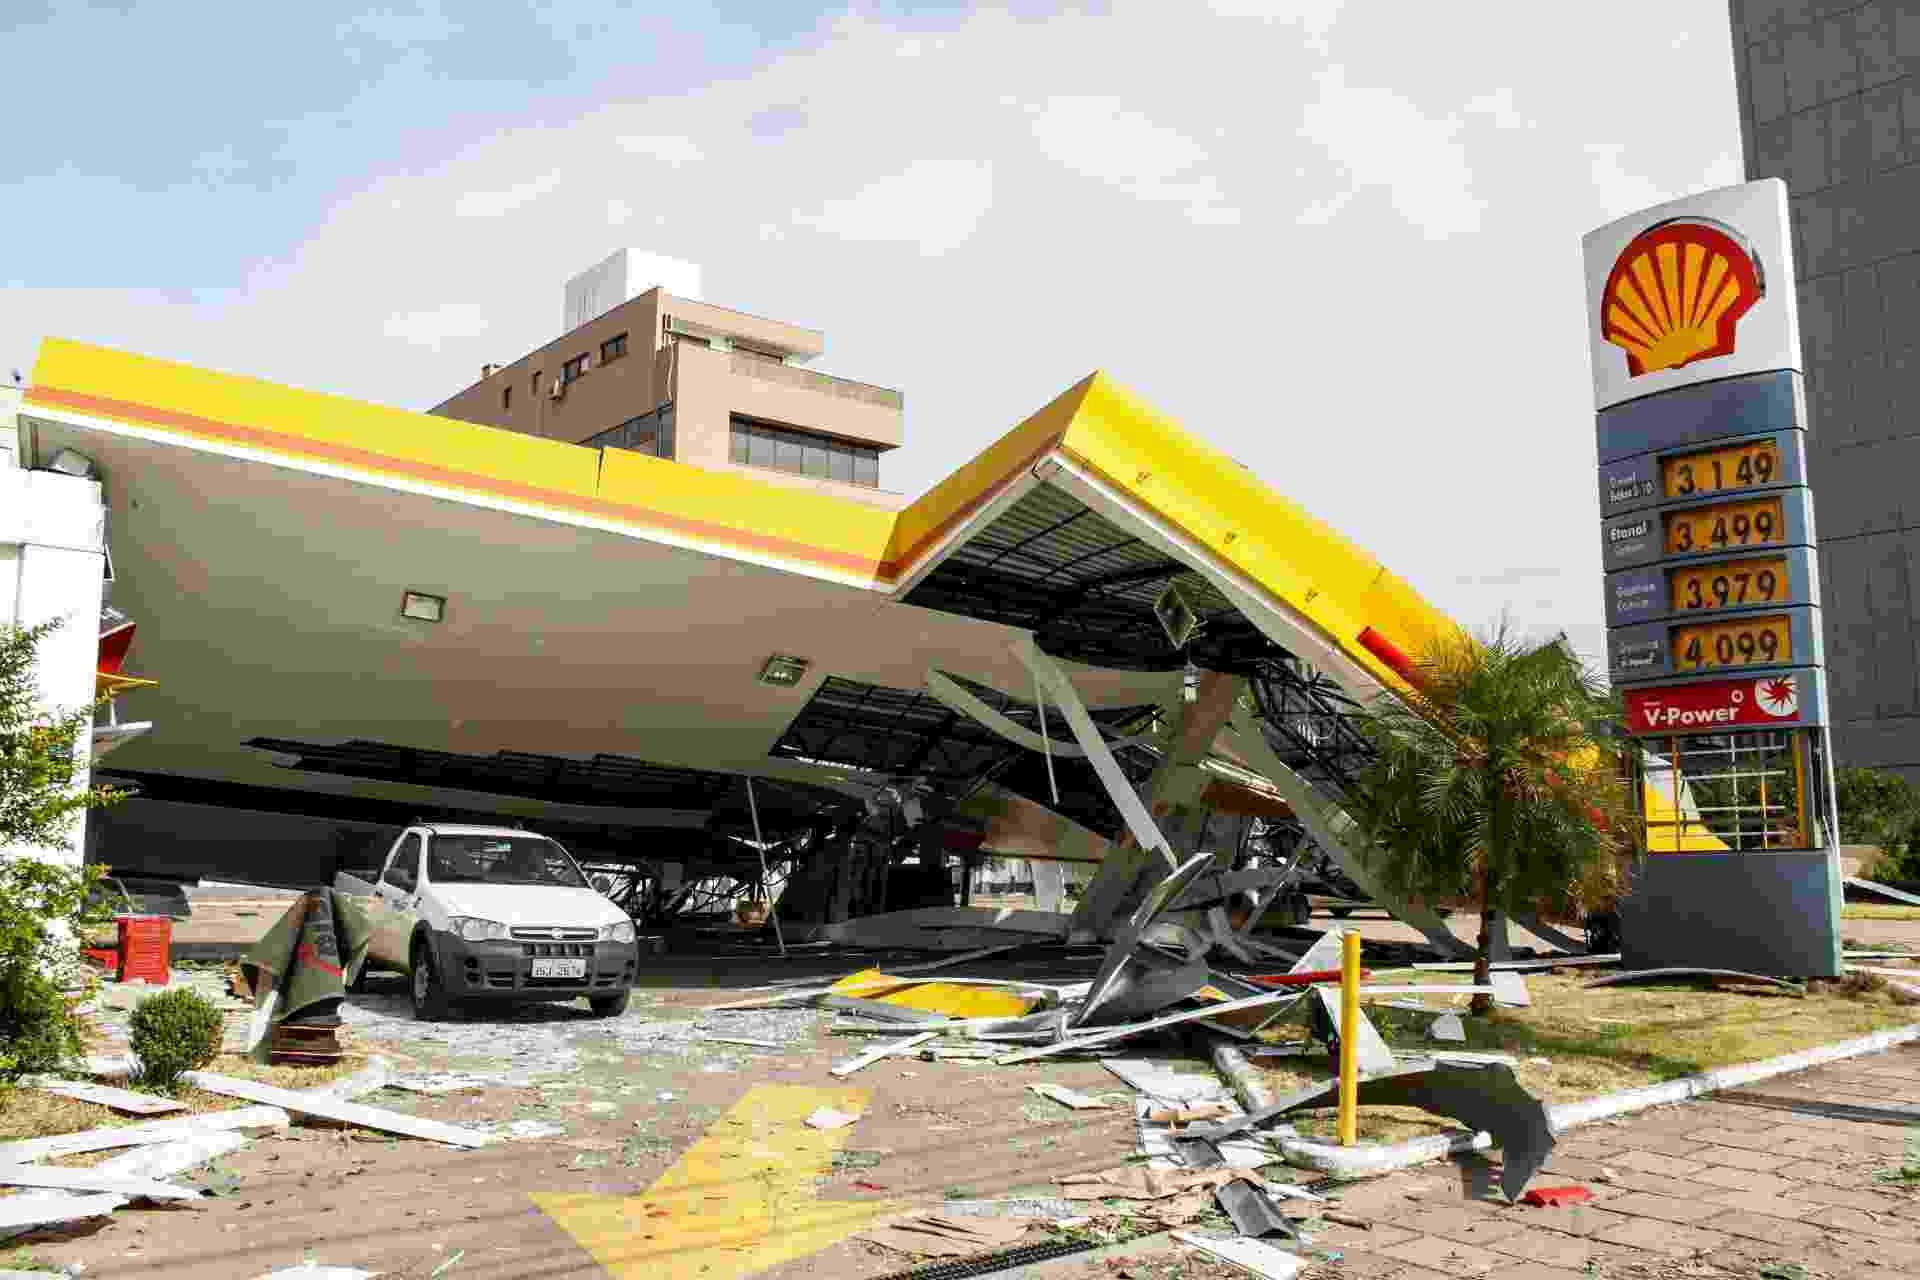 30.jan.2016 - O teto de um posto de gasolina em Porto Alegre desabou após o temporal com ventos de até 120 km que atingiu a capial gaúcha na última sexta-feira (29) - Ricardo Fabrello/Agência Free lancer/Estadão Conteúdo